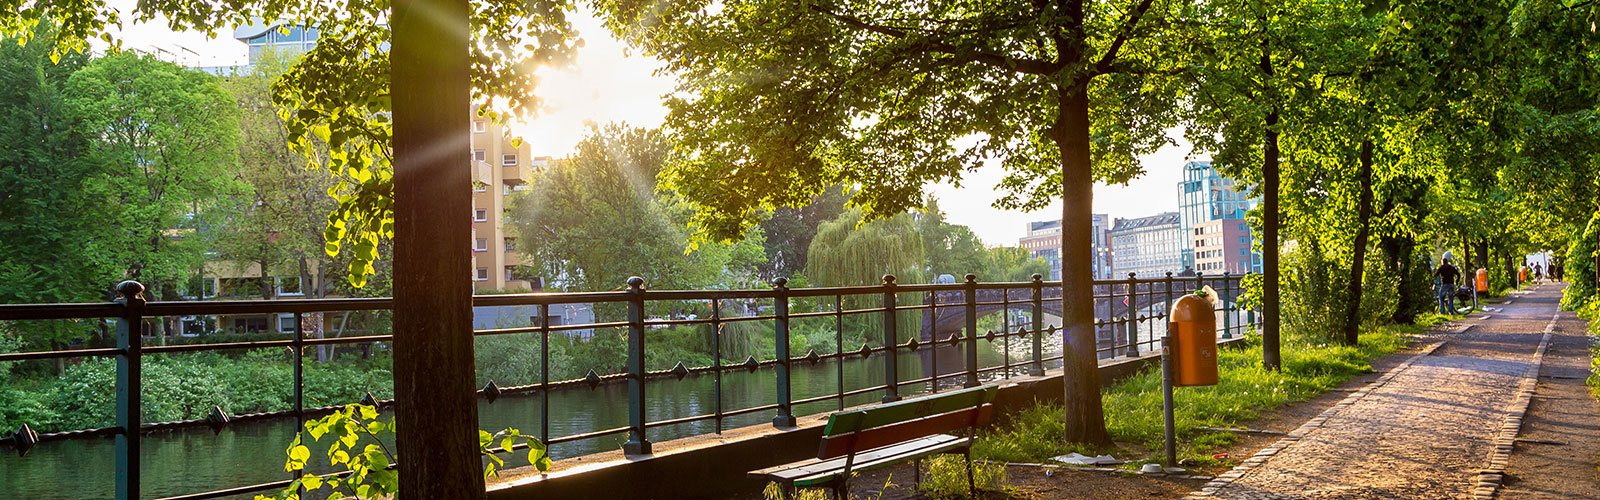 Uferweg in Berlin